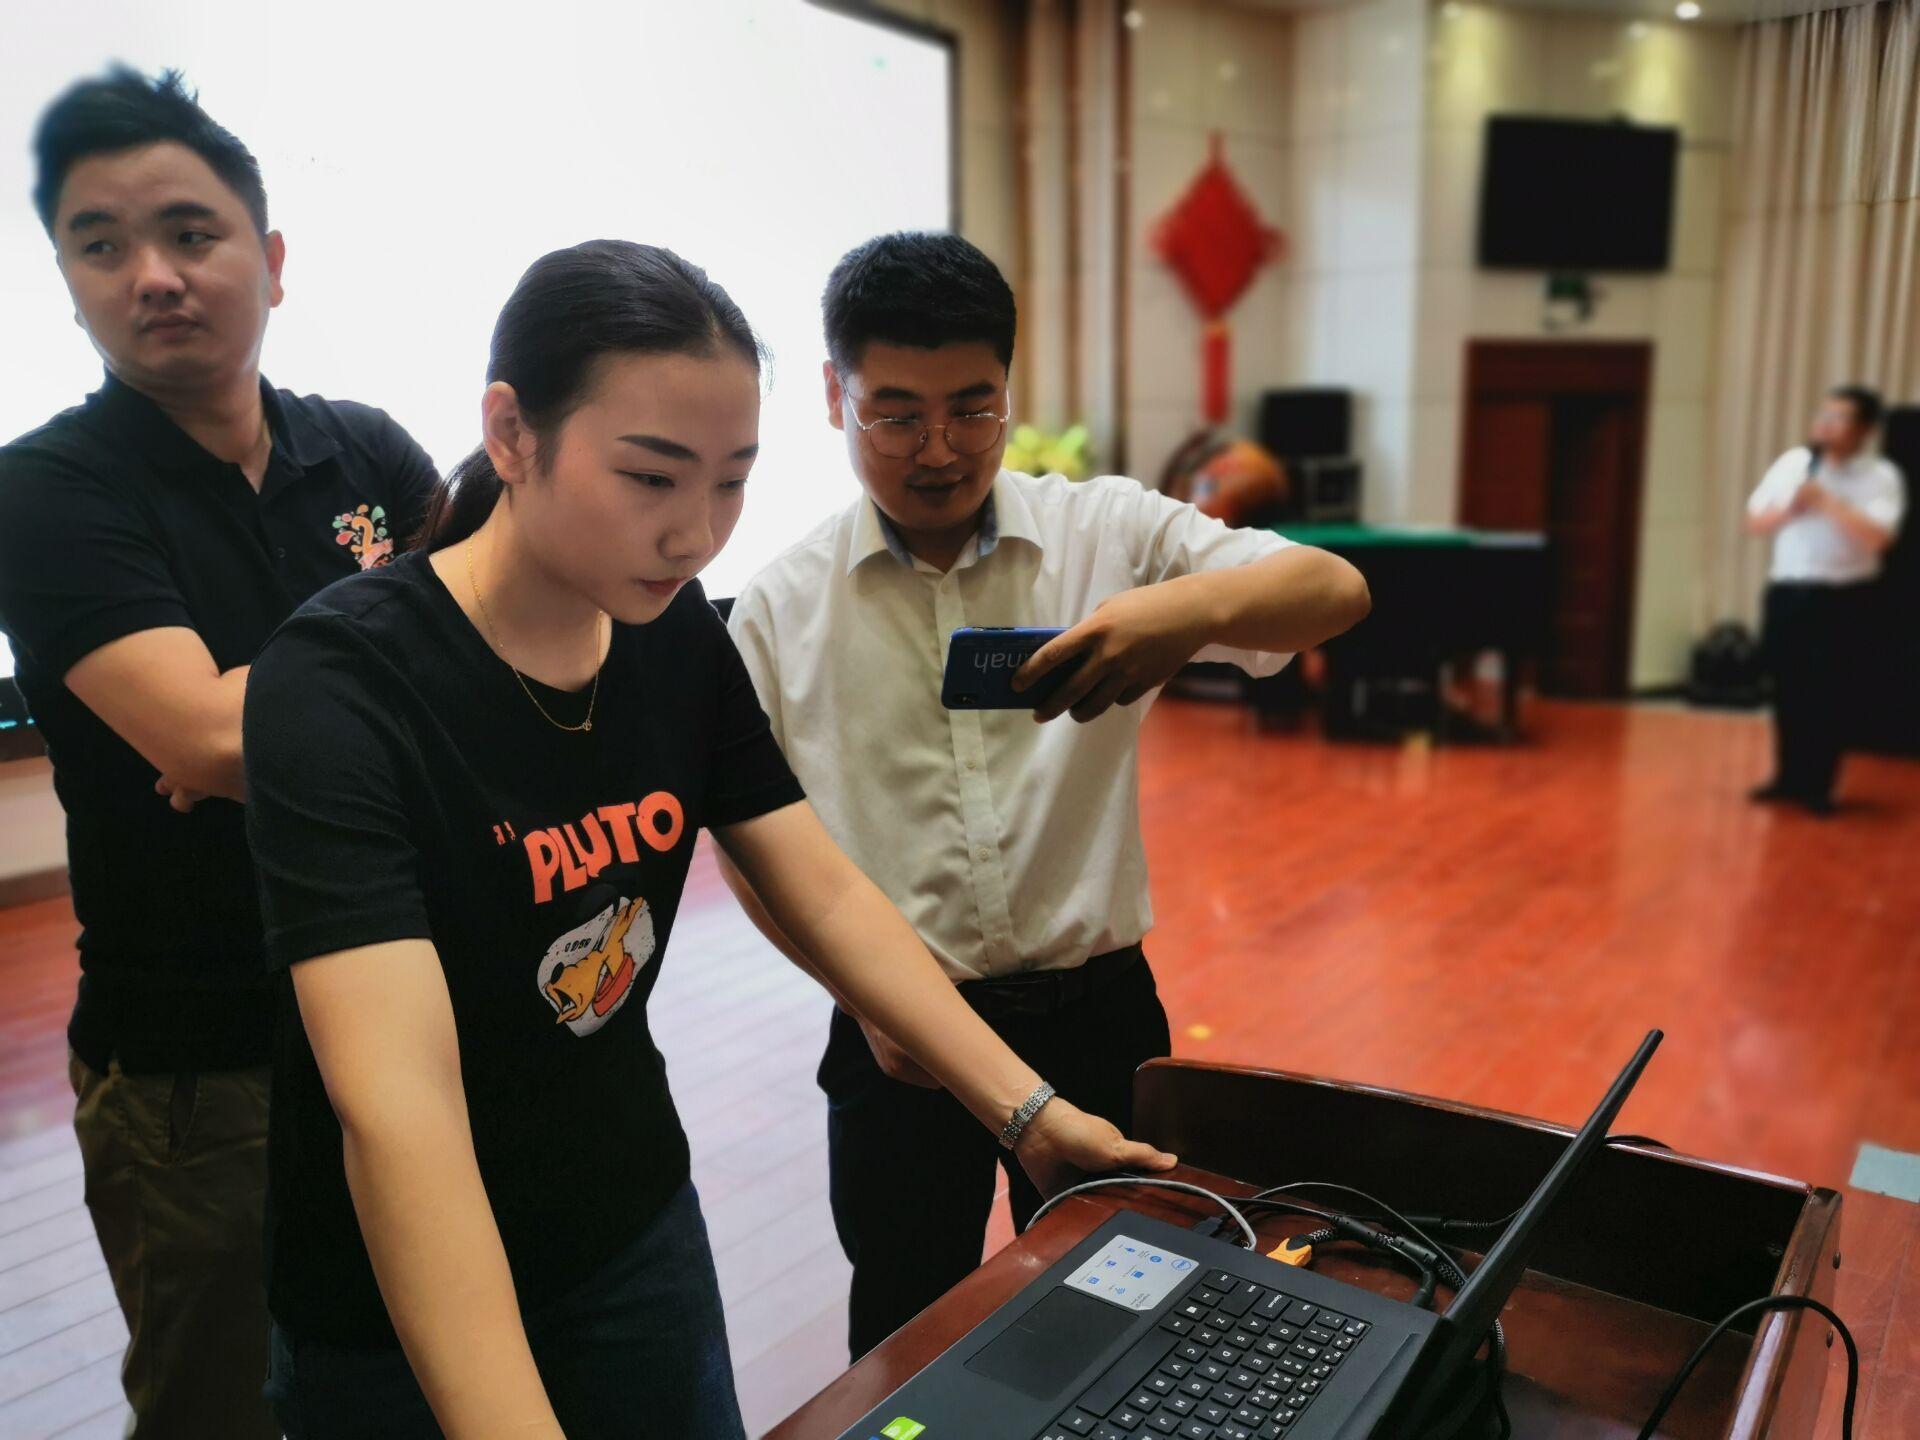 蚌埠民办学校第一次摇号招生 记者记录现场全过程